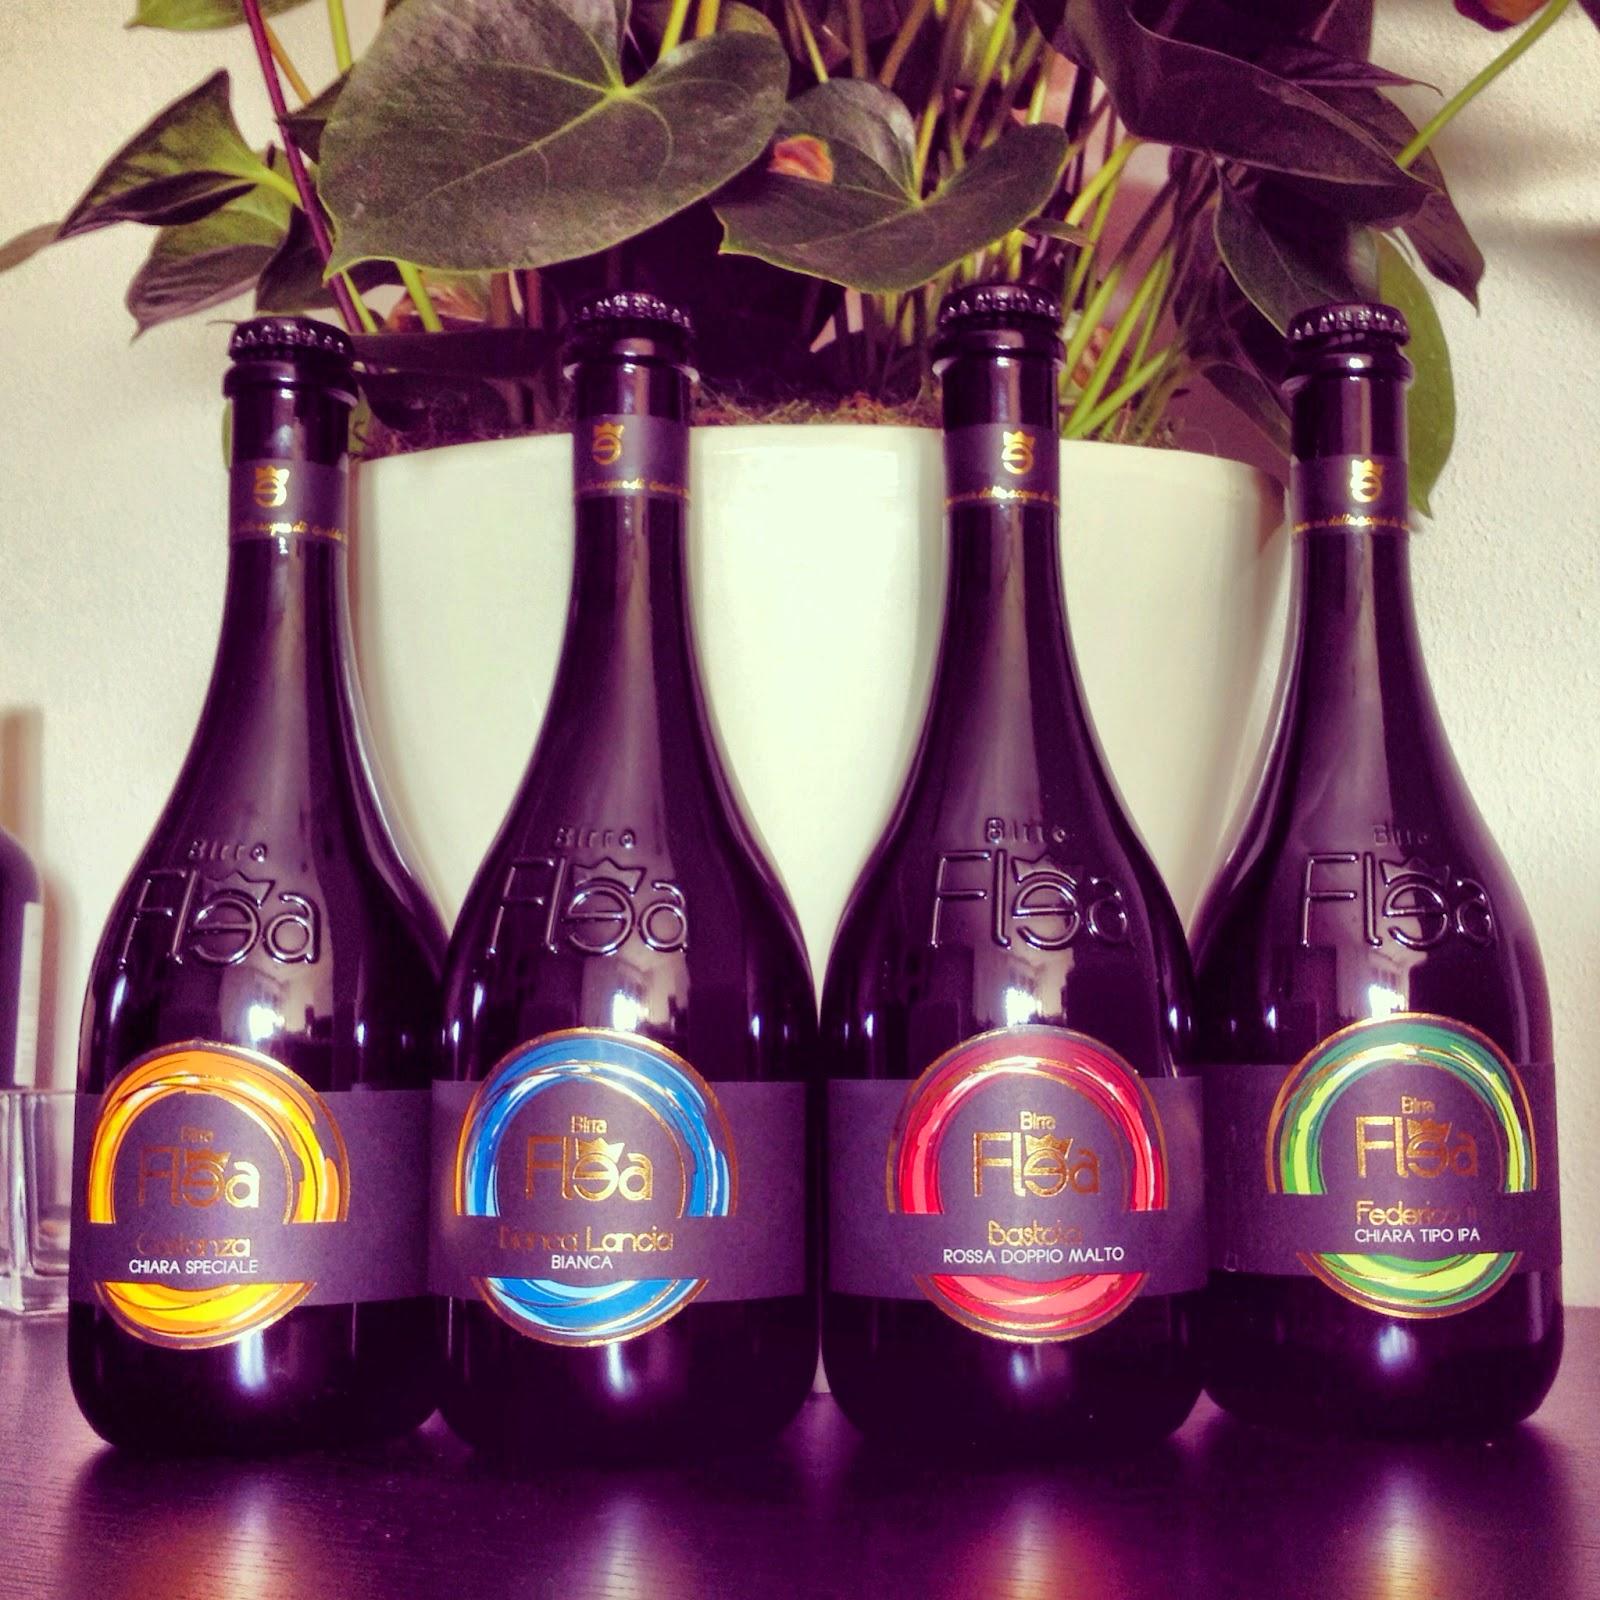 birra flea - birre artigianali di qualità